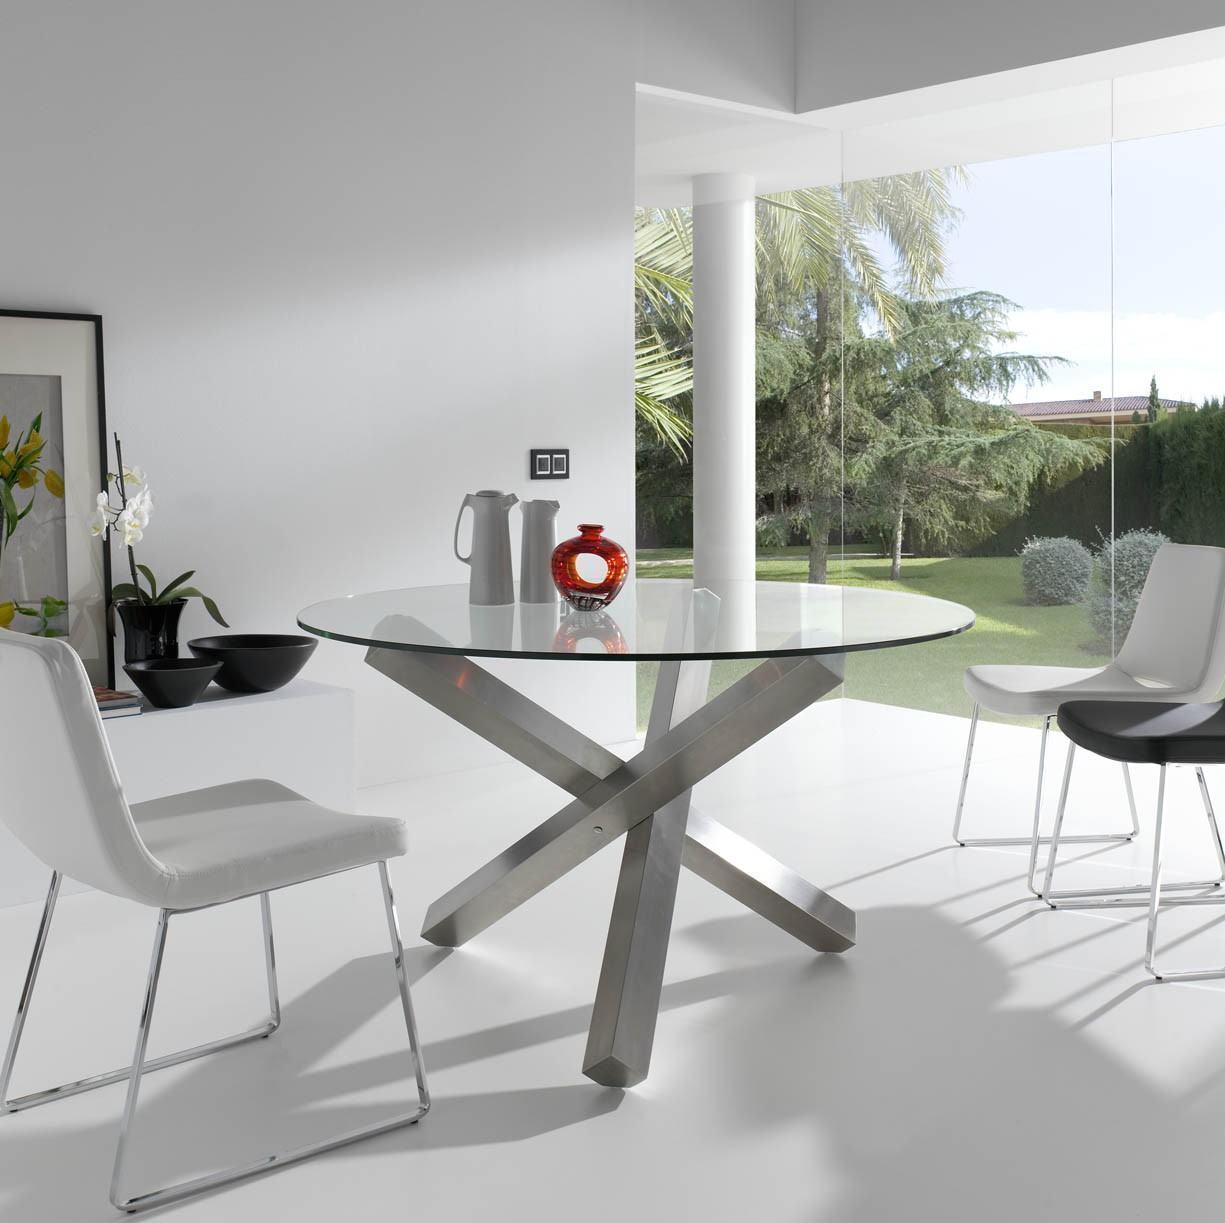 Mesa de vidro 60 modelos de jantar redondos 4 e 6 cadeiras - Mesas redondas modernas ...